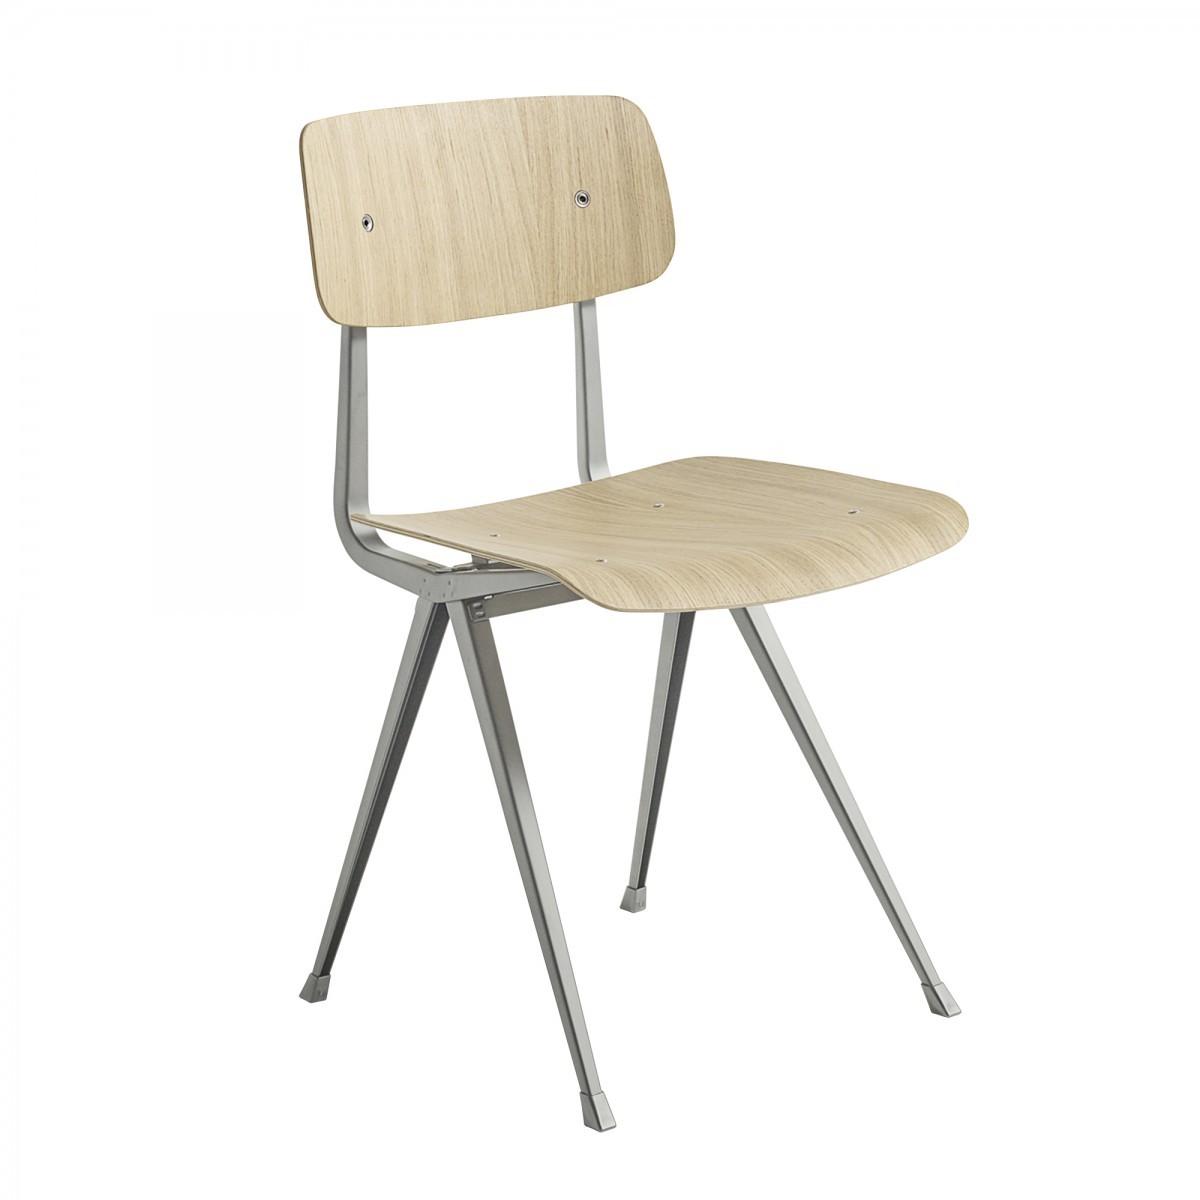 Teinte De Gris Clair chaise result acier beige gris - chêne teinté gris clair - hay